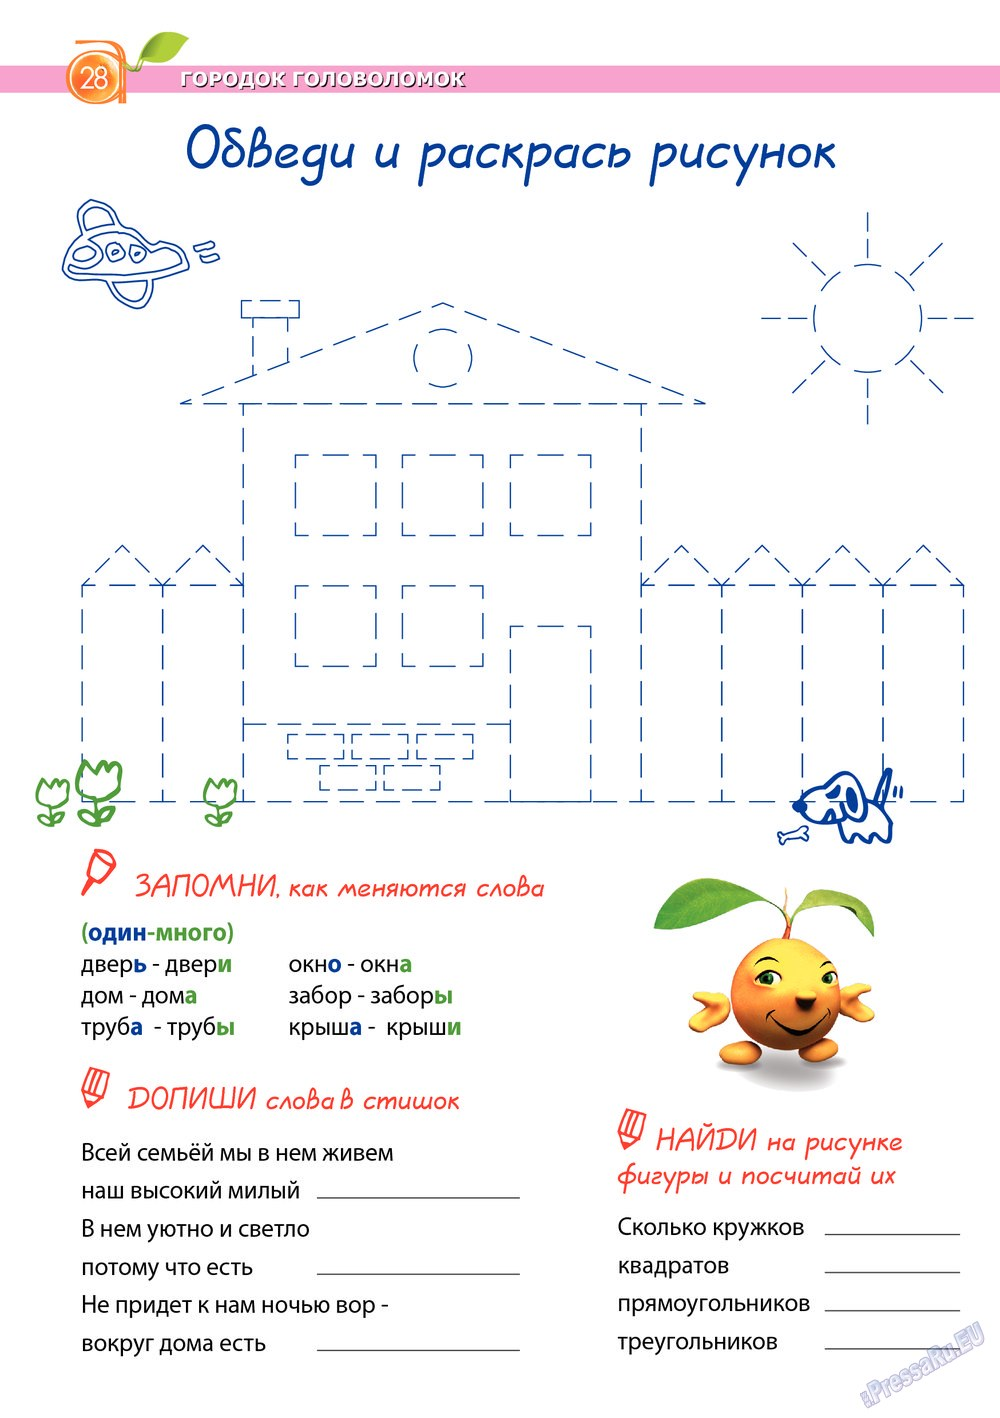 Апельсин (журнал). 2013 год, номер 46, стр. 28